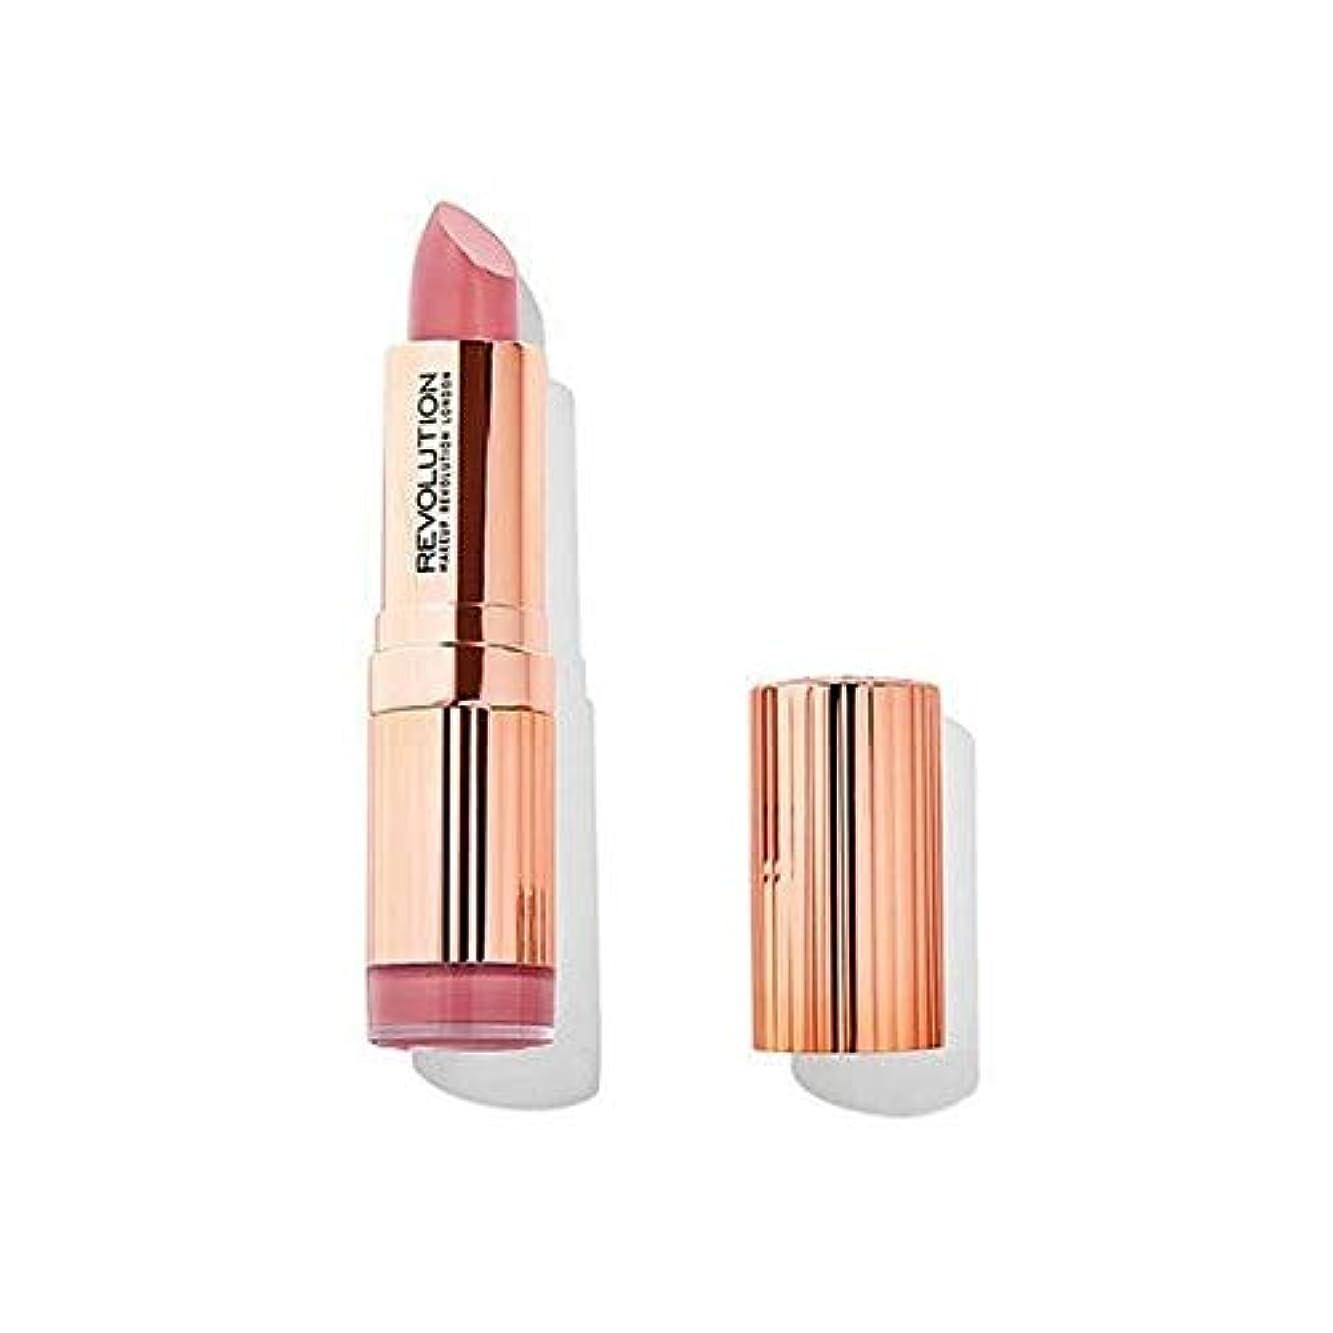 損失エレクトロニック相互接続[Revolution ] ブレンド革命のルネサンス口紅 - Revolution Renaissance Lipstick Blended [並行輸入品]